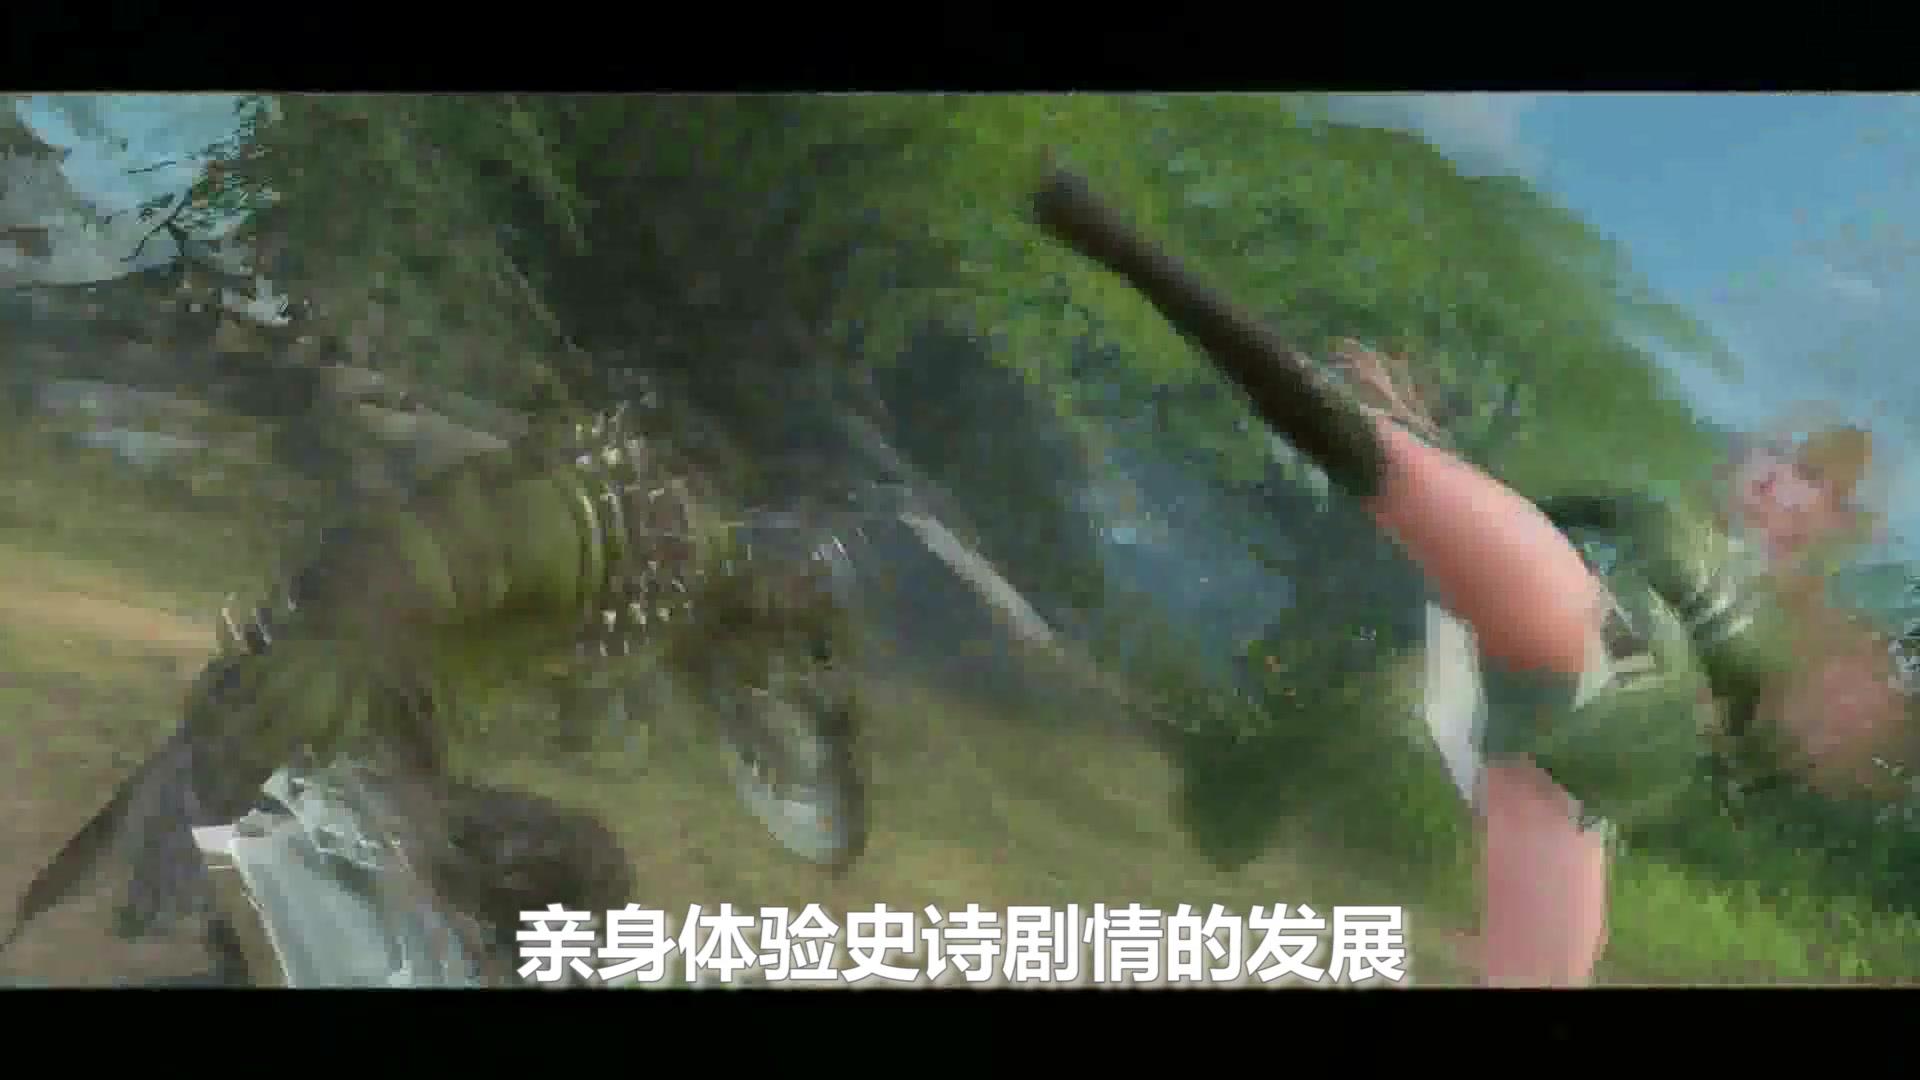 《新神魔大陆》试玩视频-17173新游秒懂